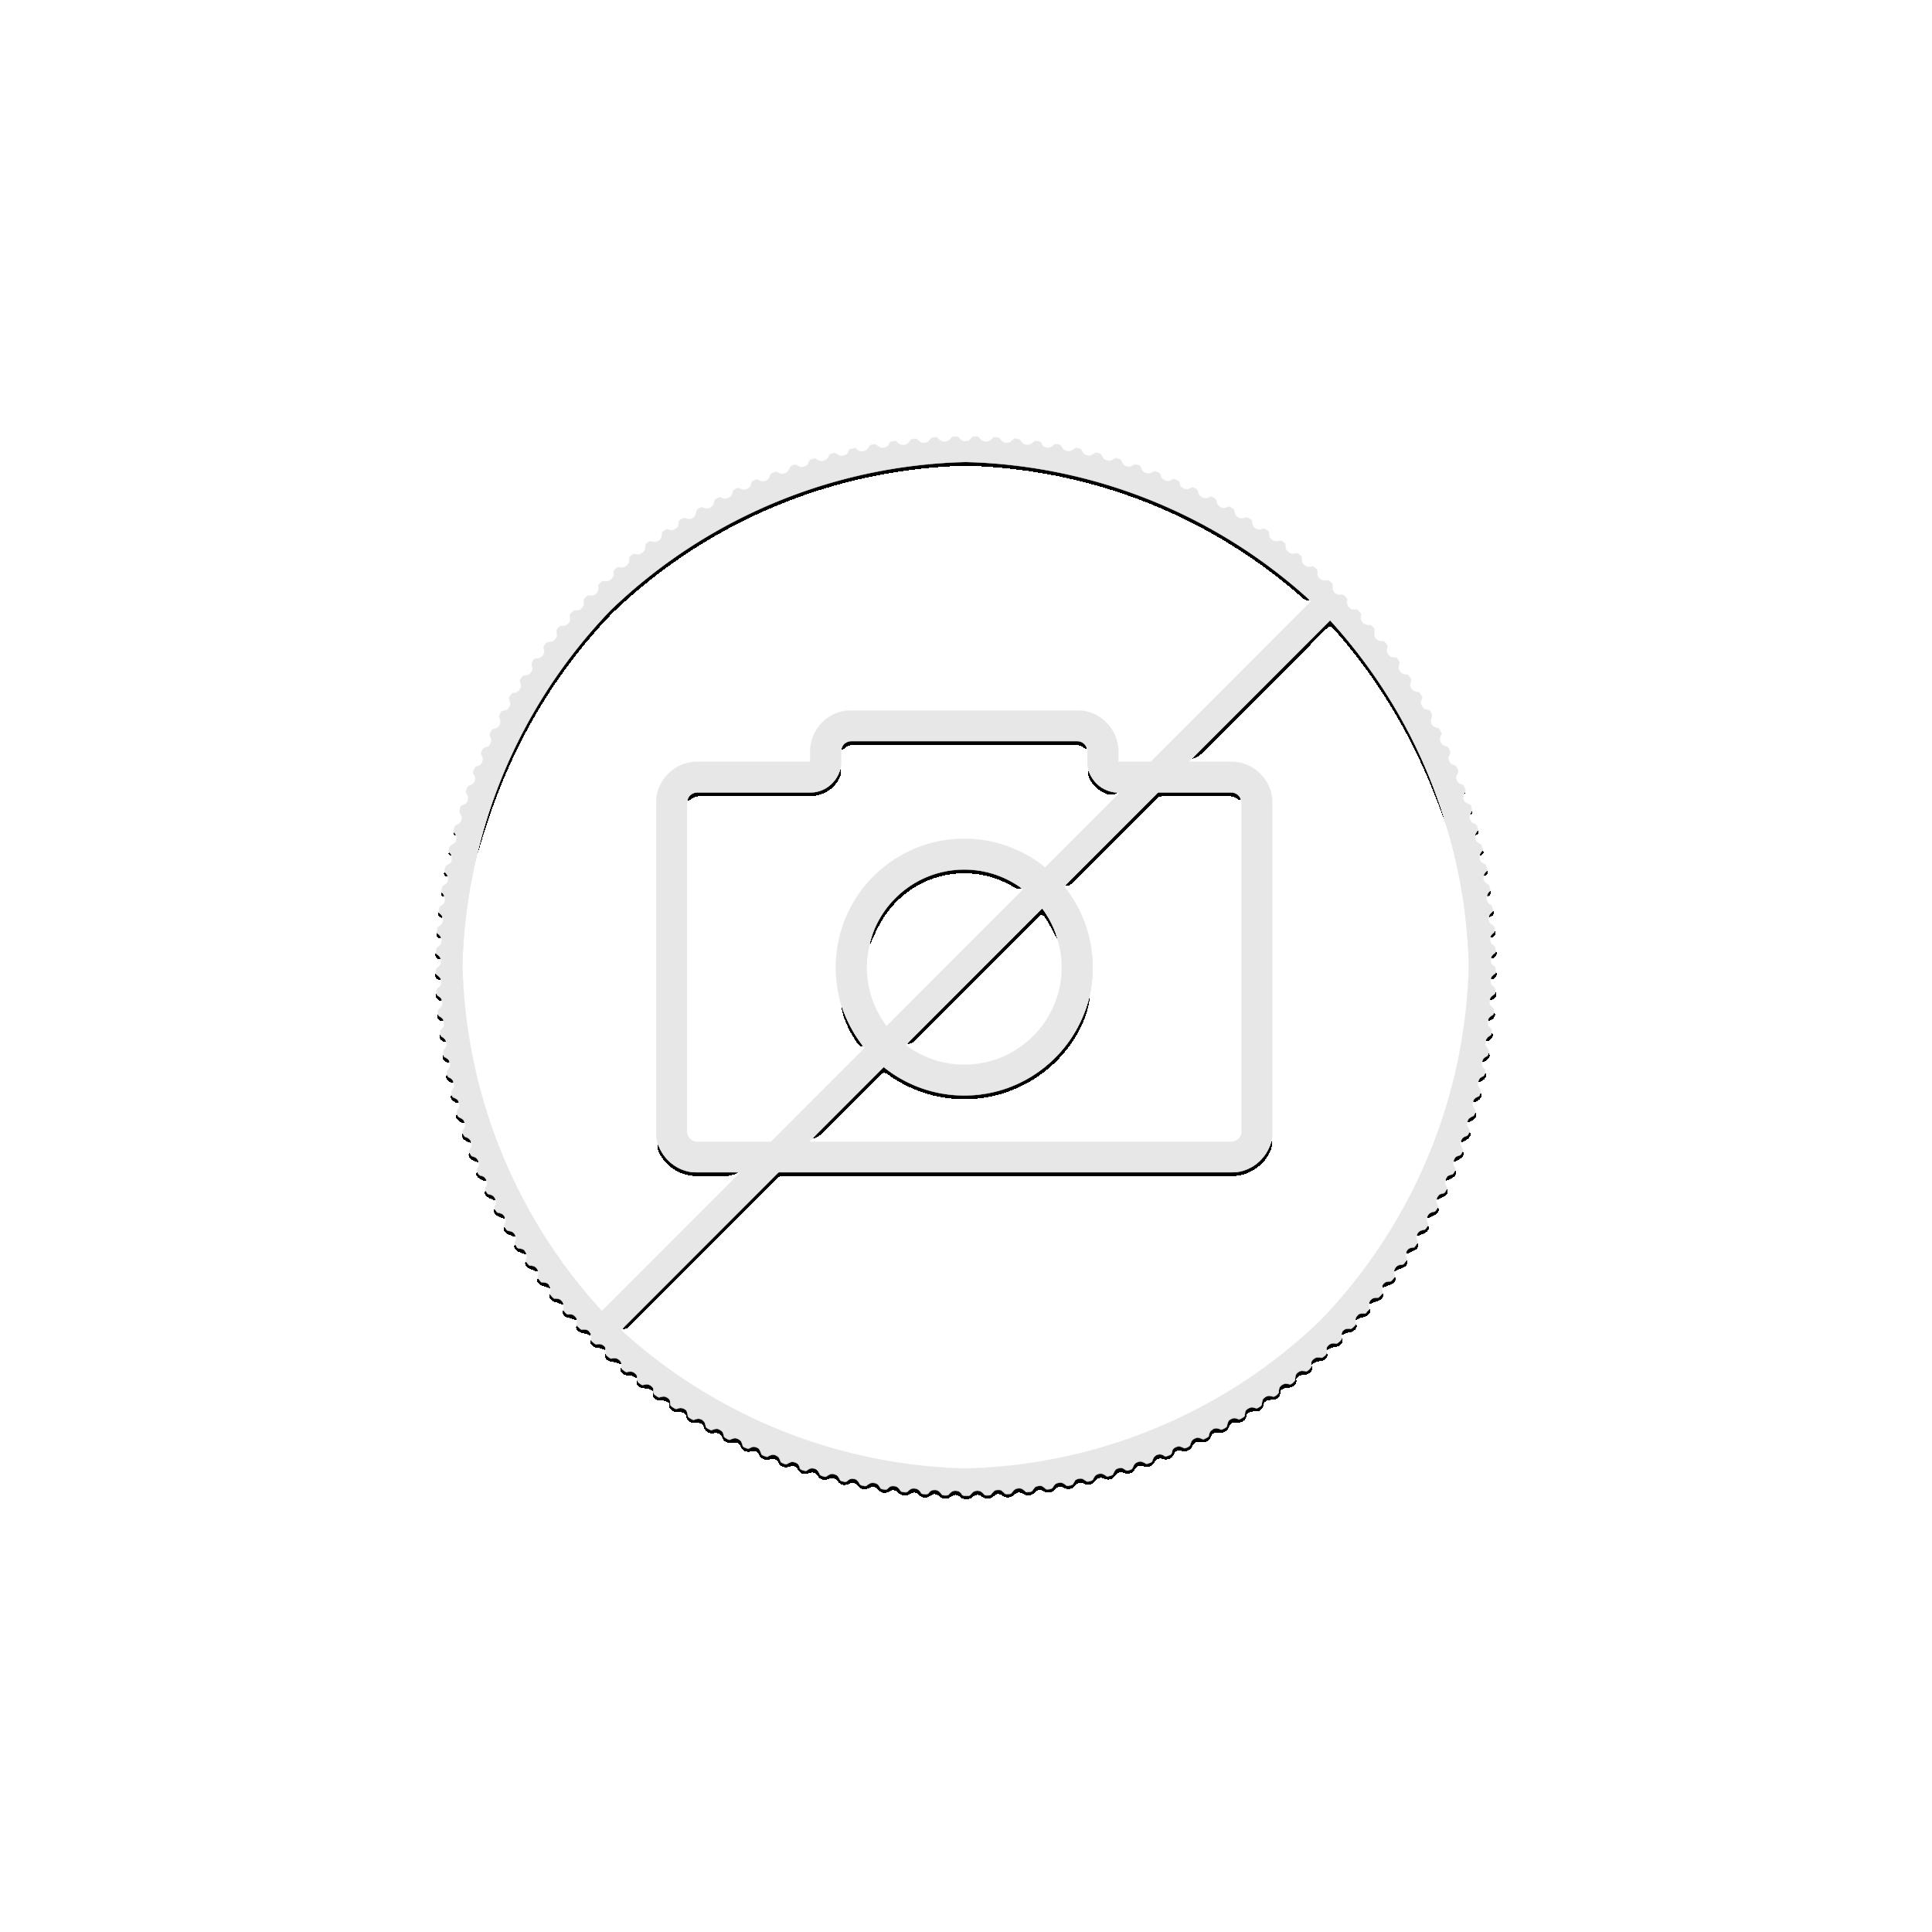 1/2 troy ounce zilver Koala munt 2011